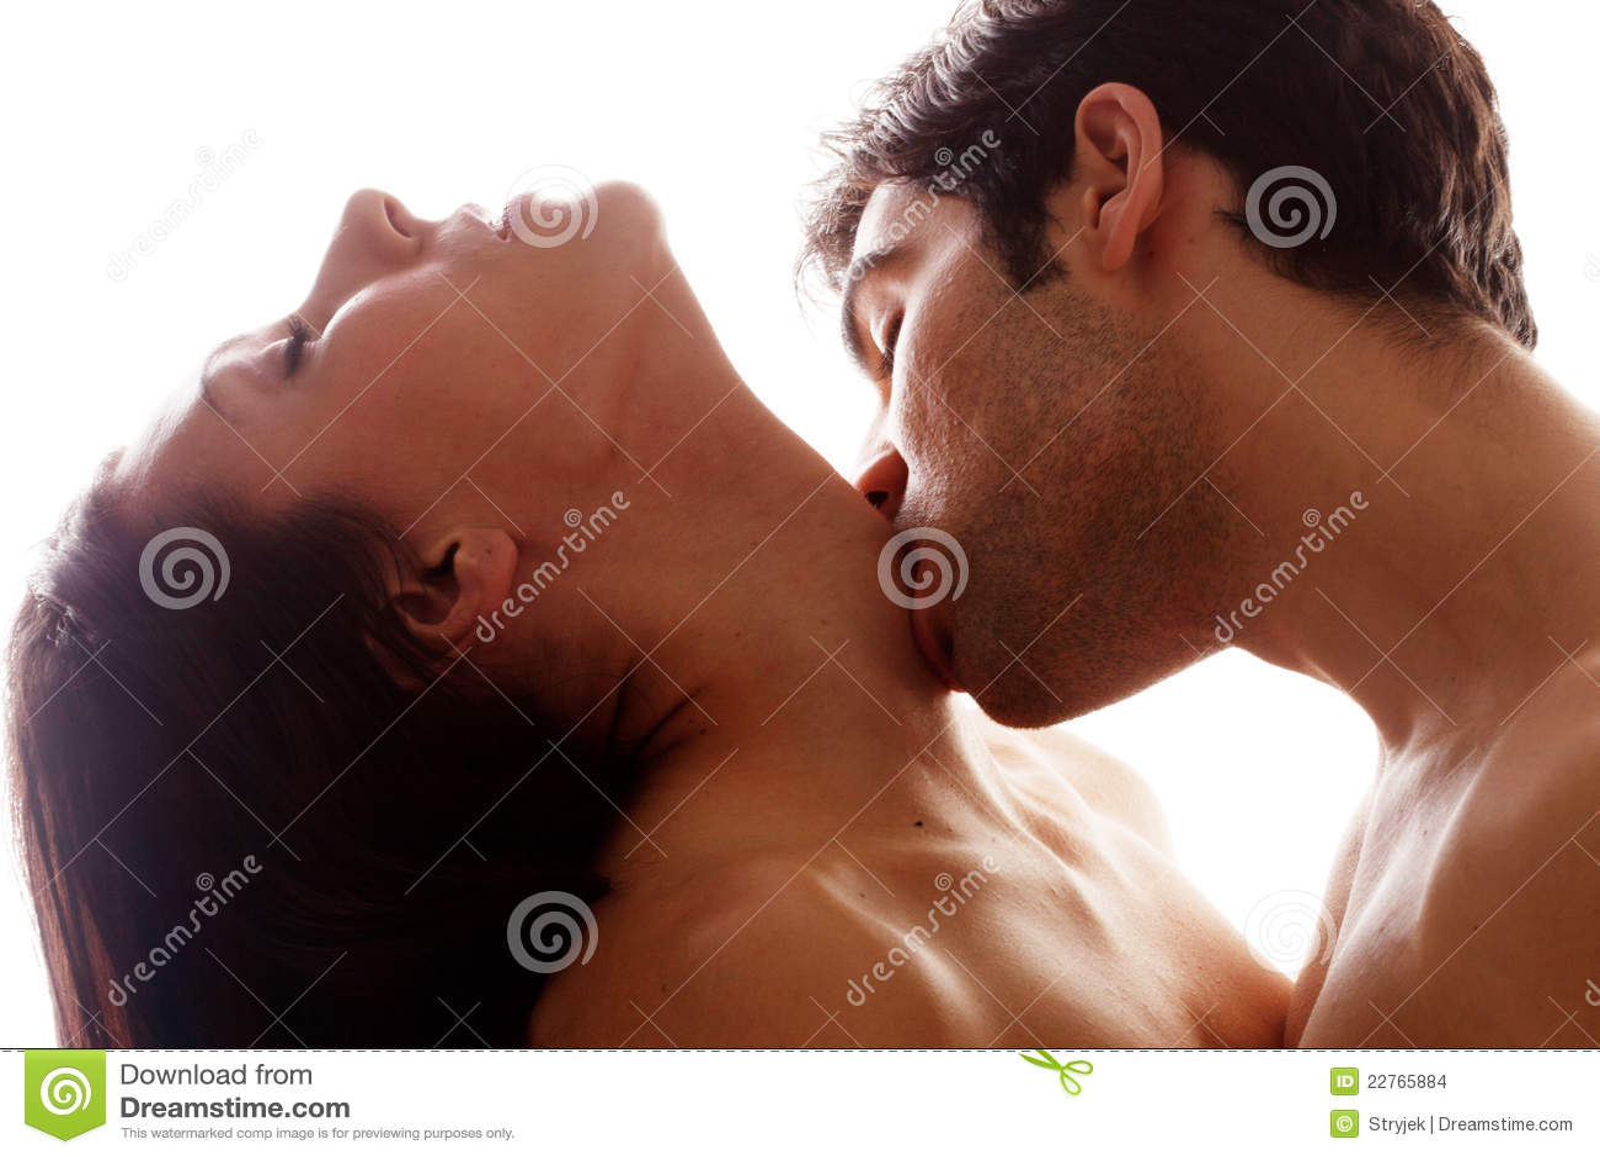 Romantischer Kuss Auf Kehle Stockbilder - Bild: 22765884